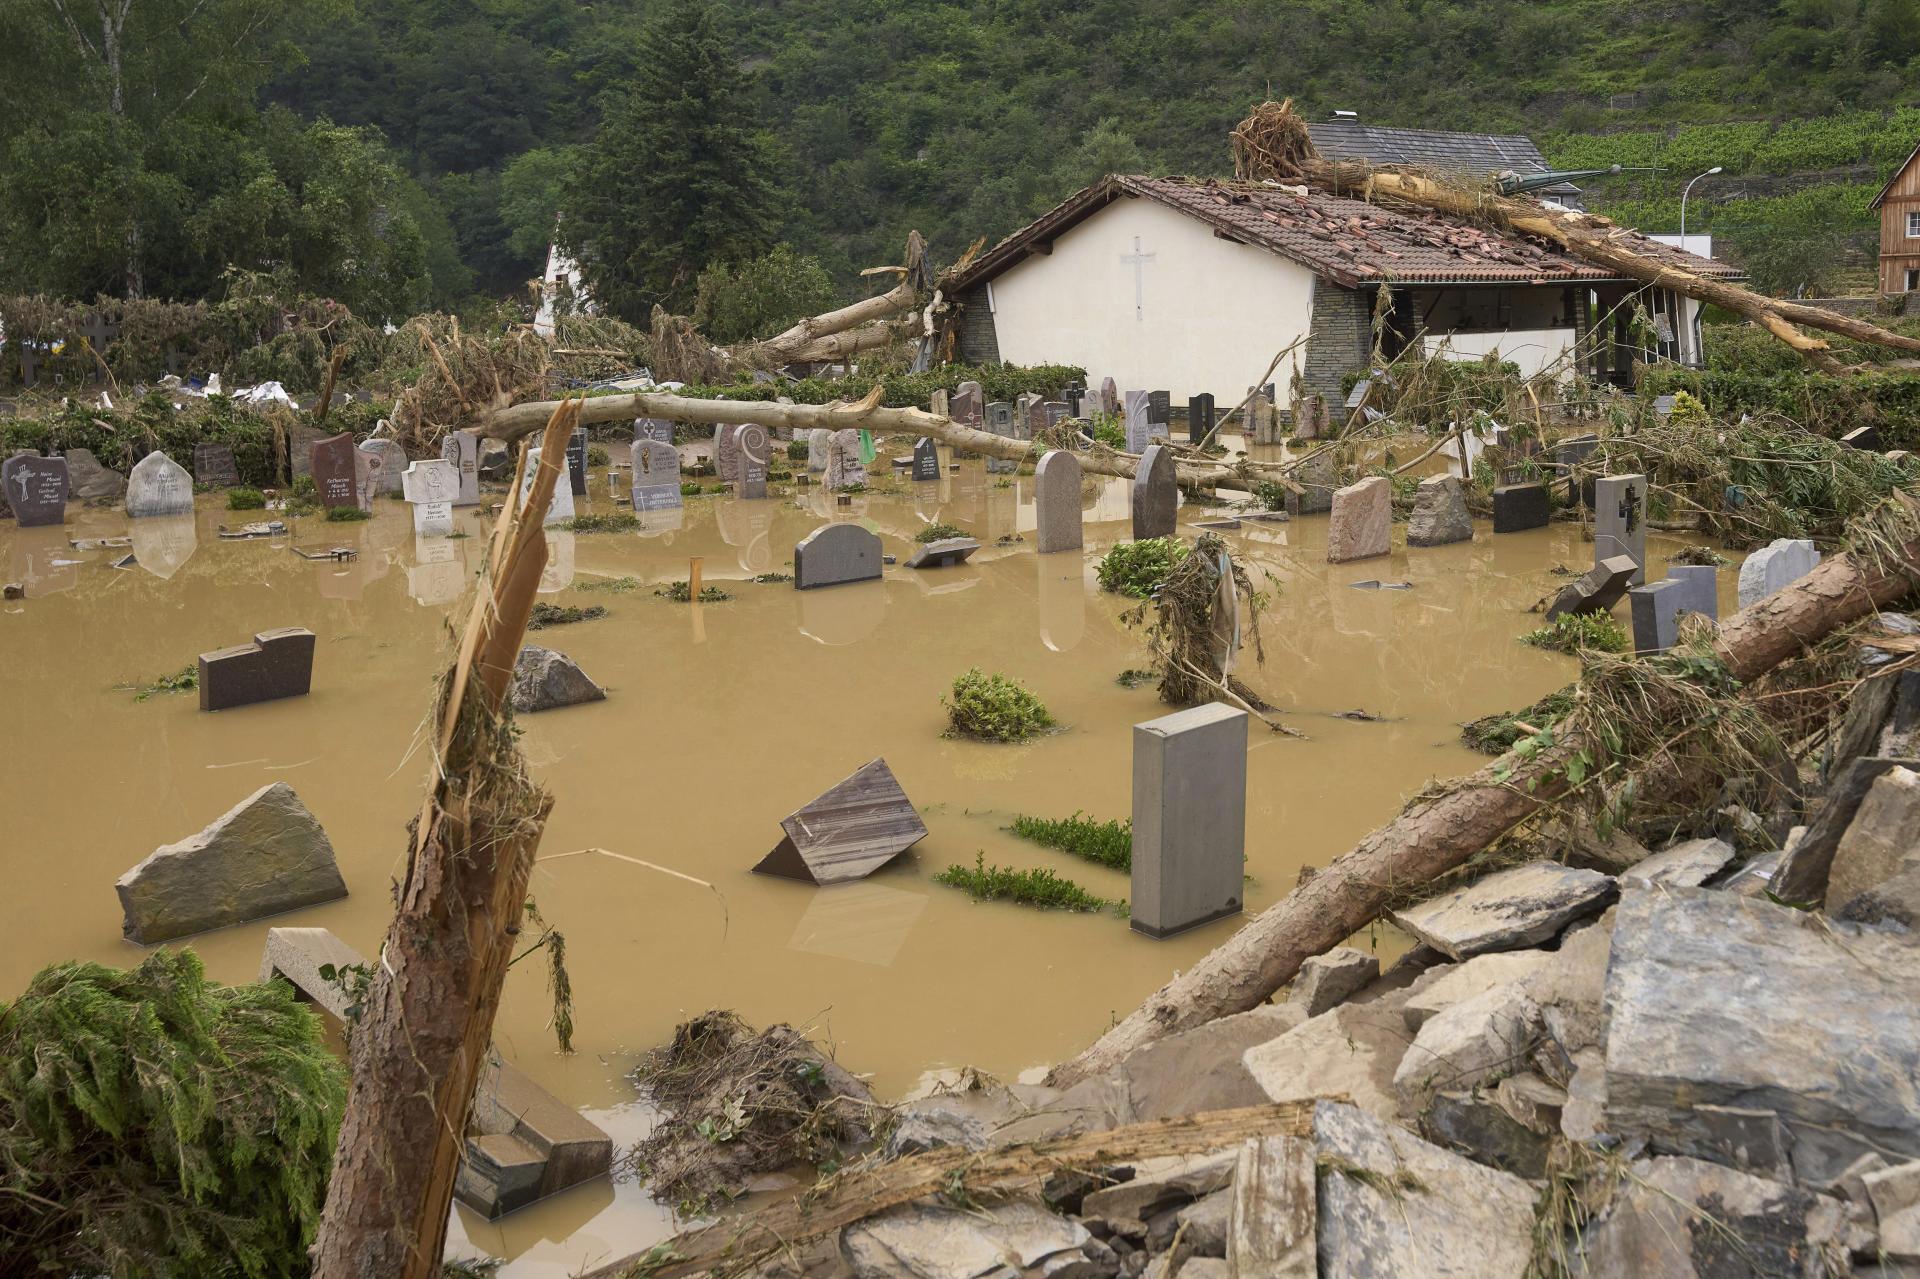 Le cimetière est inondé à Altenahr, en Allemagne, le 15 juillet 2021.